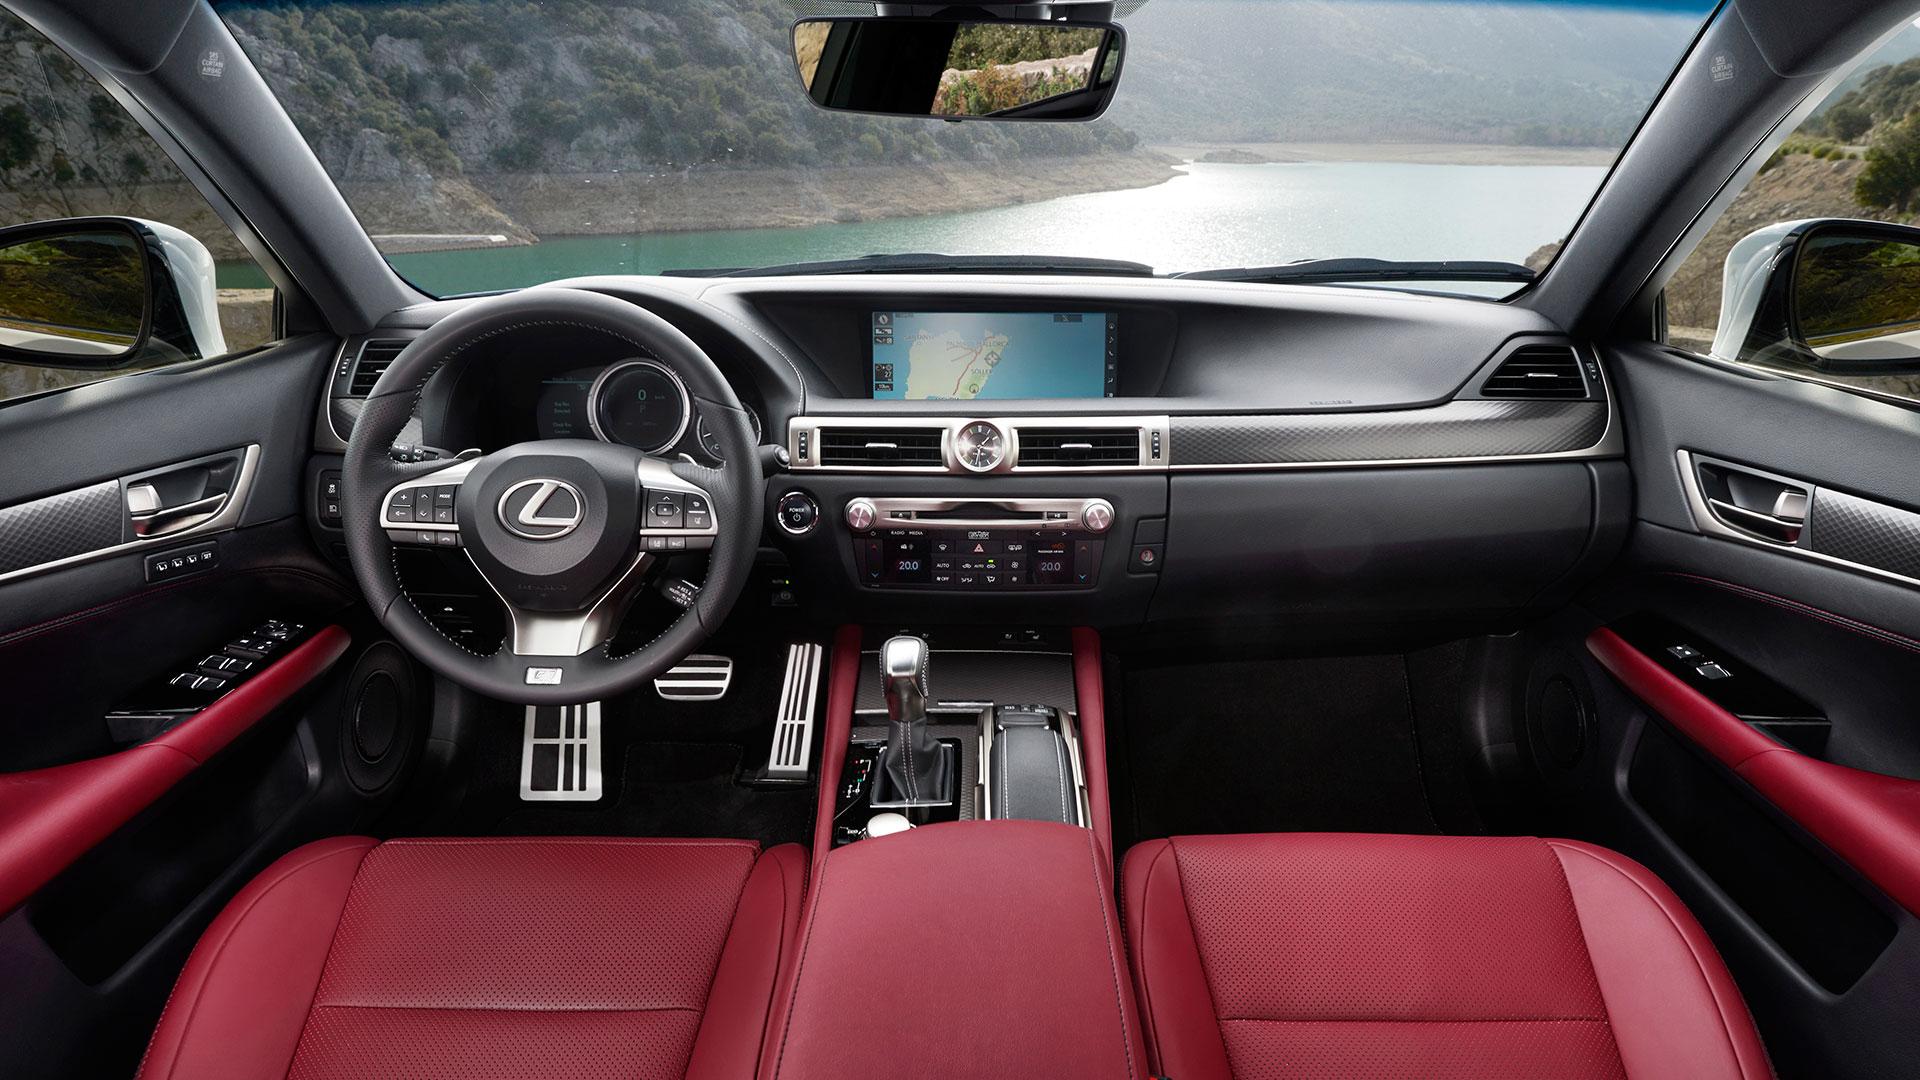 El habitáculo del Lexus GS 450h hero asset